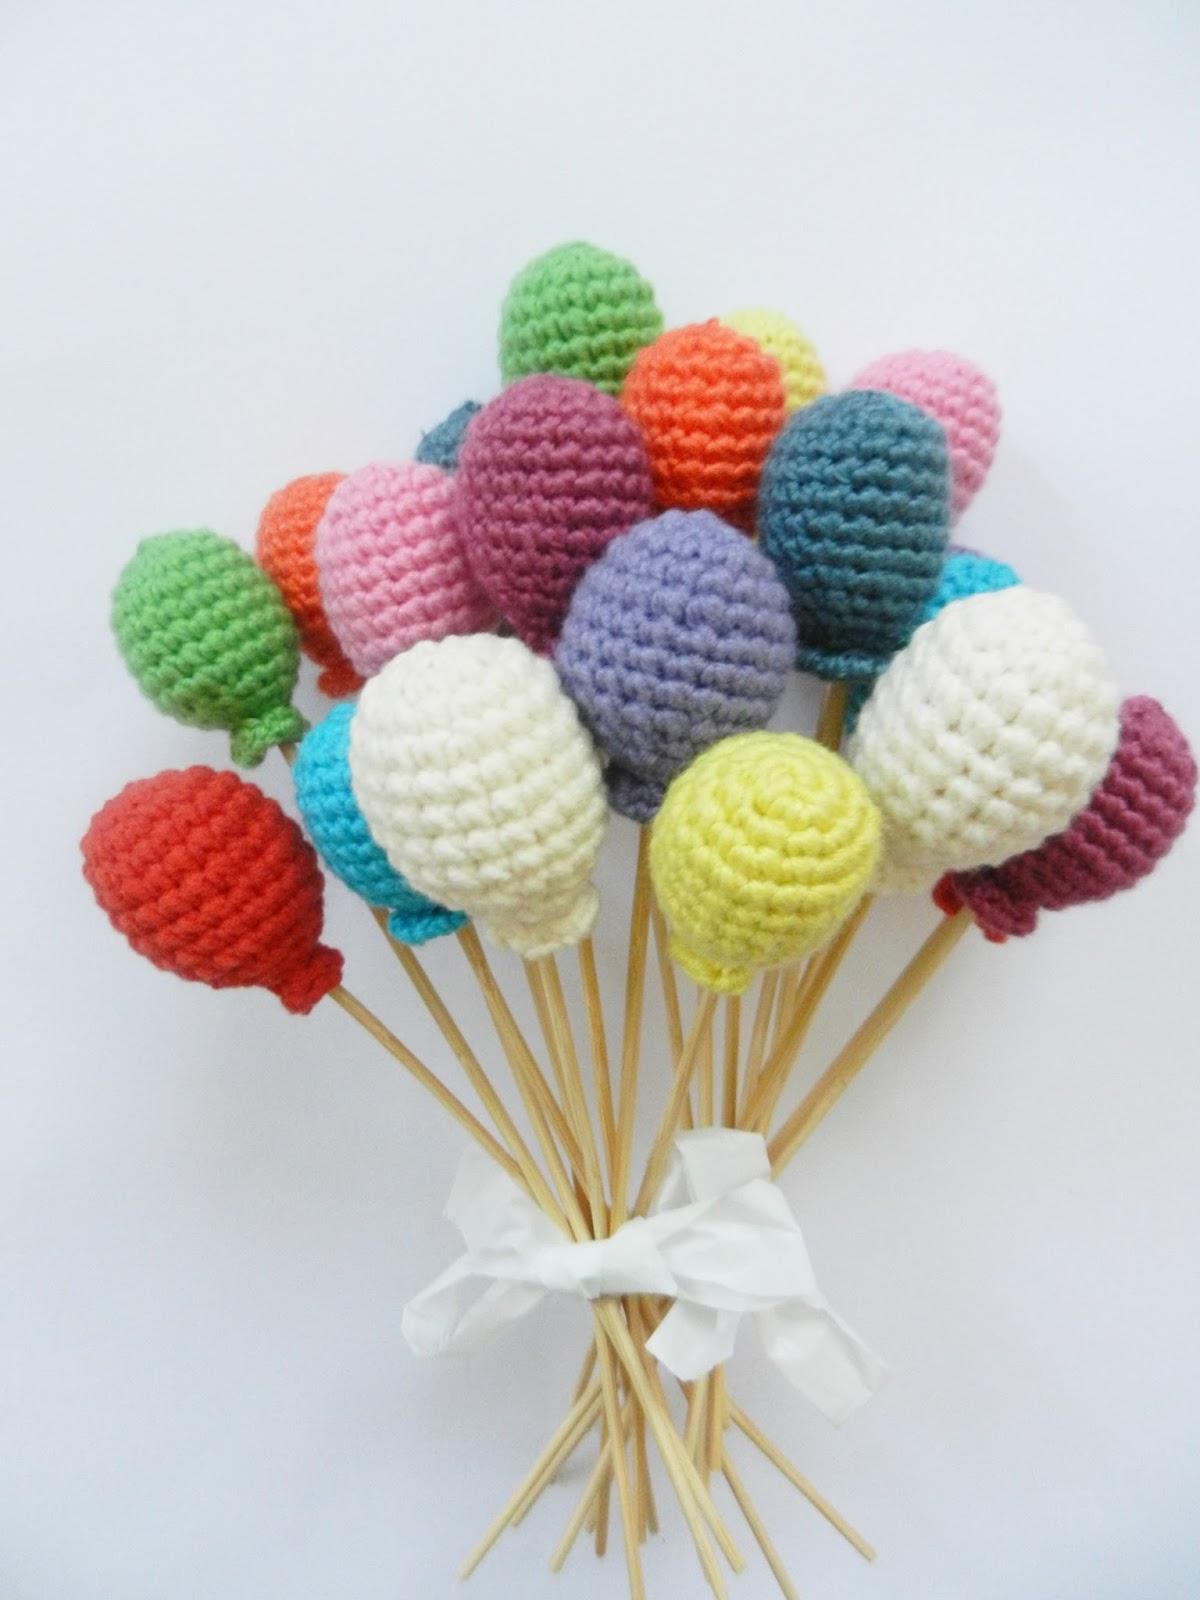 Amigurumi Sincap Yapilisi : Yaseminkale: amigurumi balon yapilisi